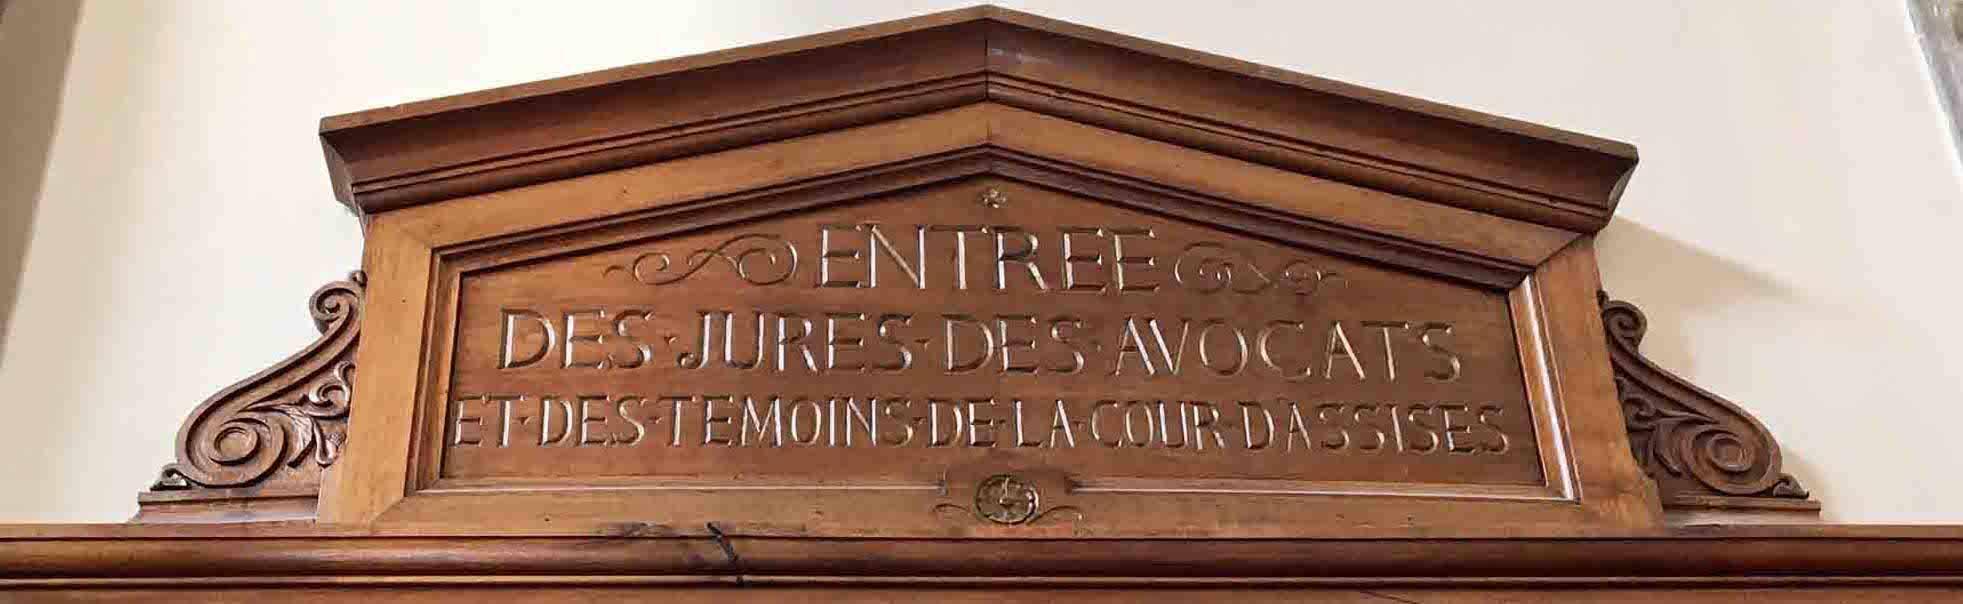 Palais de justice Lyon et cour d'assises